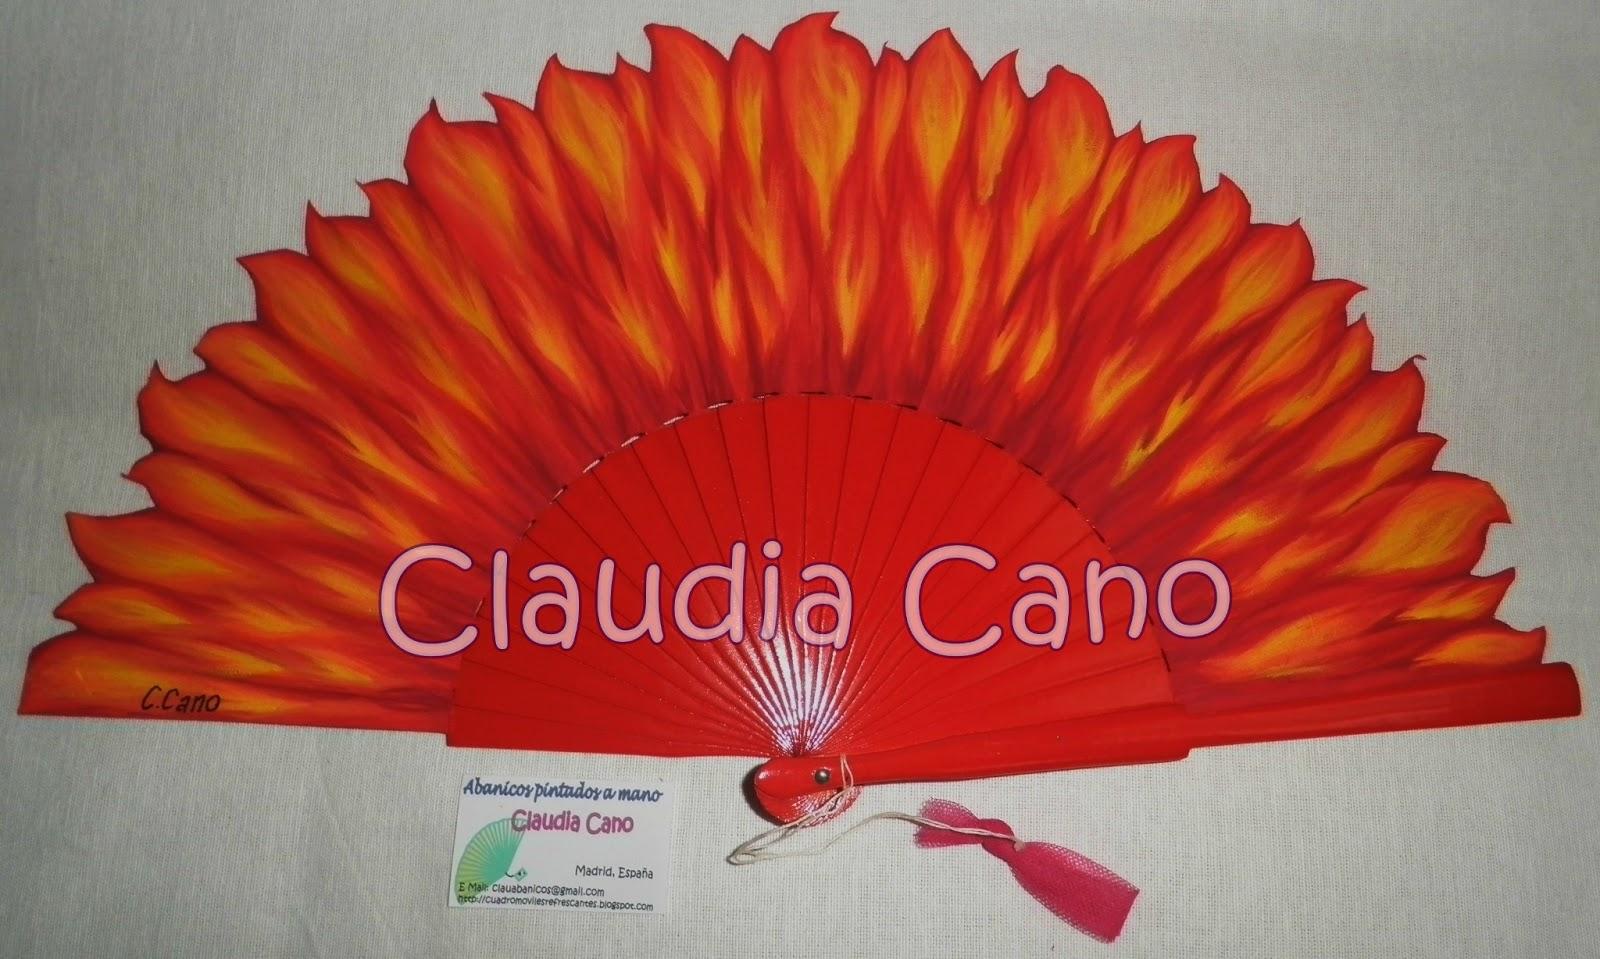 Abanicos pintados a mano por claudia cano enero 2013 - Abanicos pintados a mano originales ...